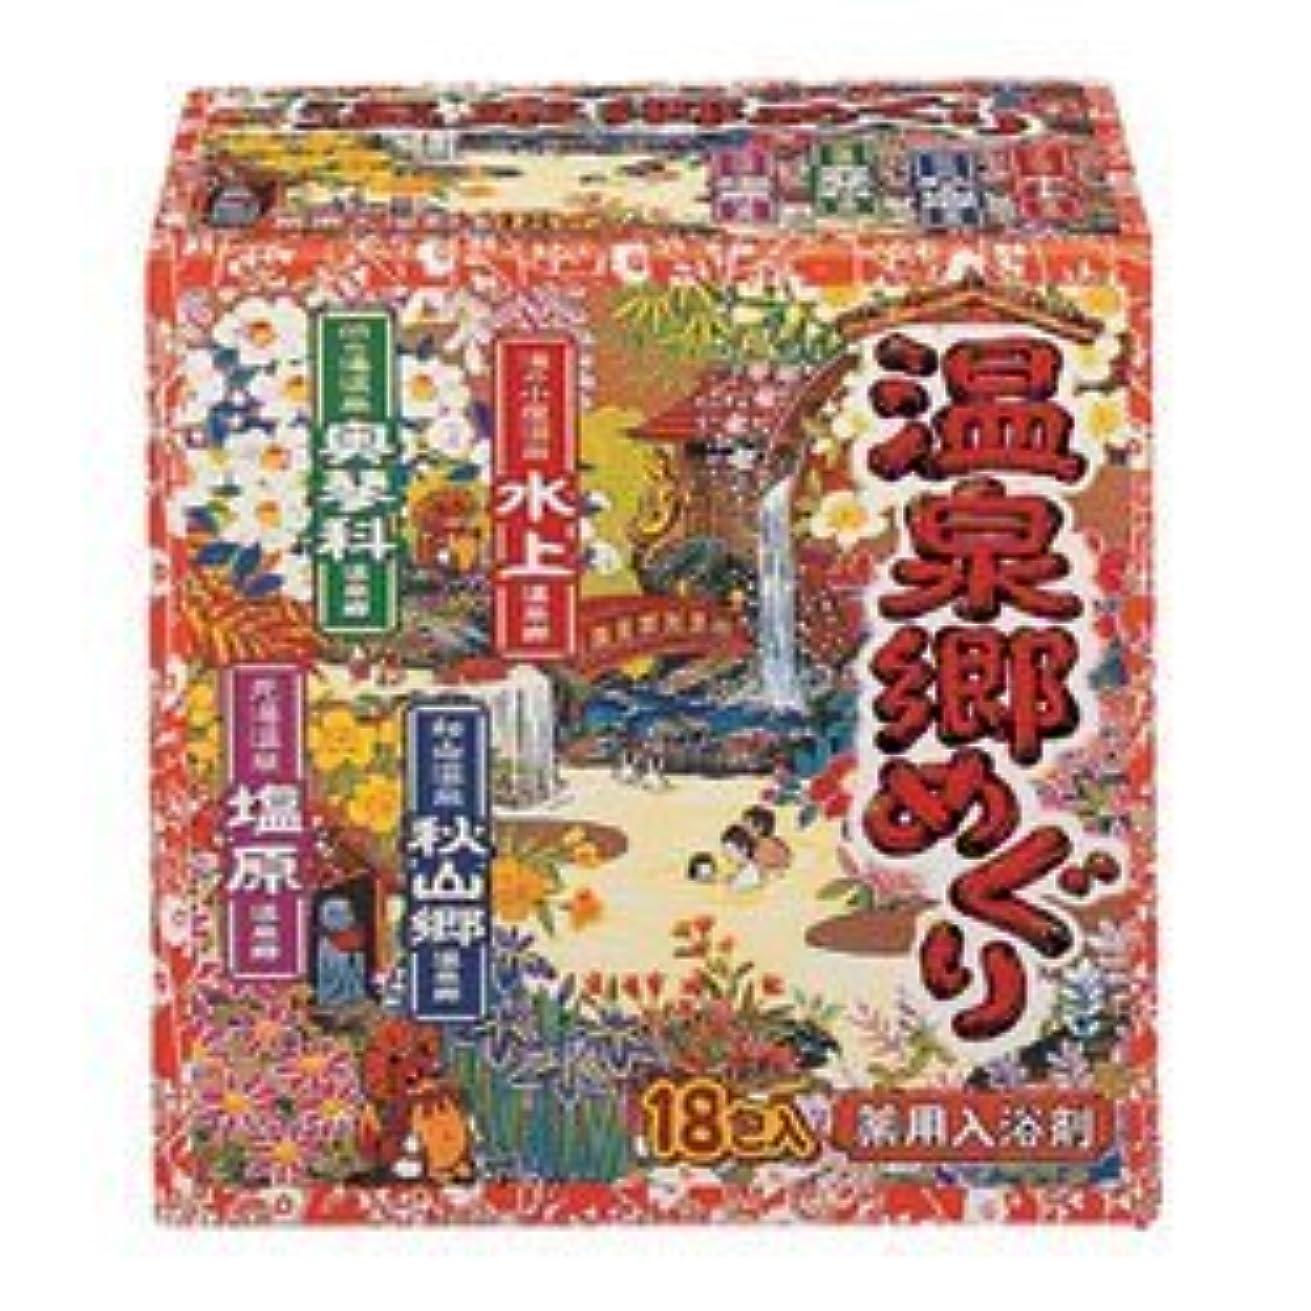 オプションよろしくビタミン【アース製薬】温泉郷めぐり 入浴剤 18包入 ×3個セット